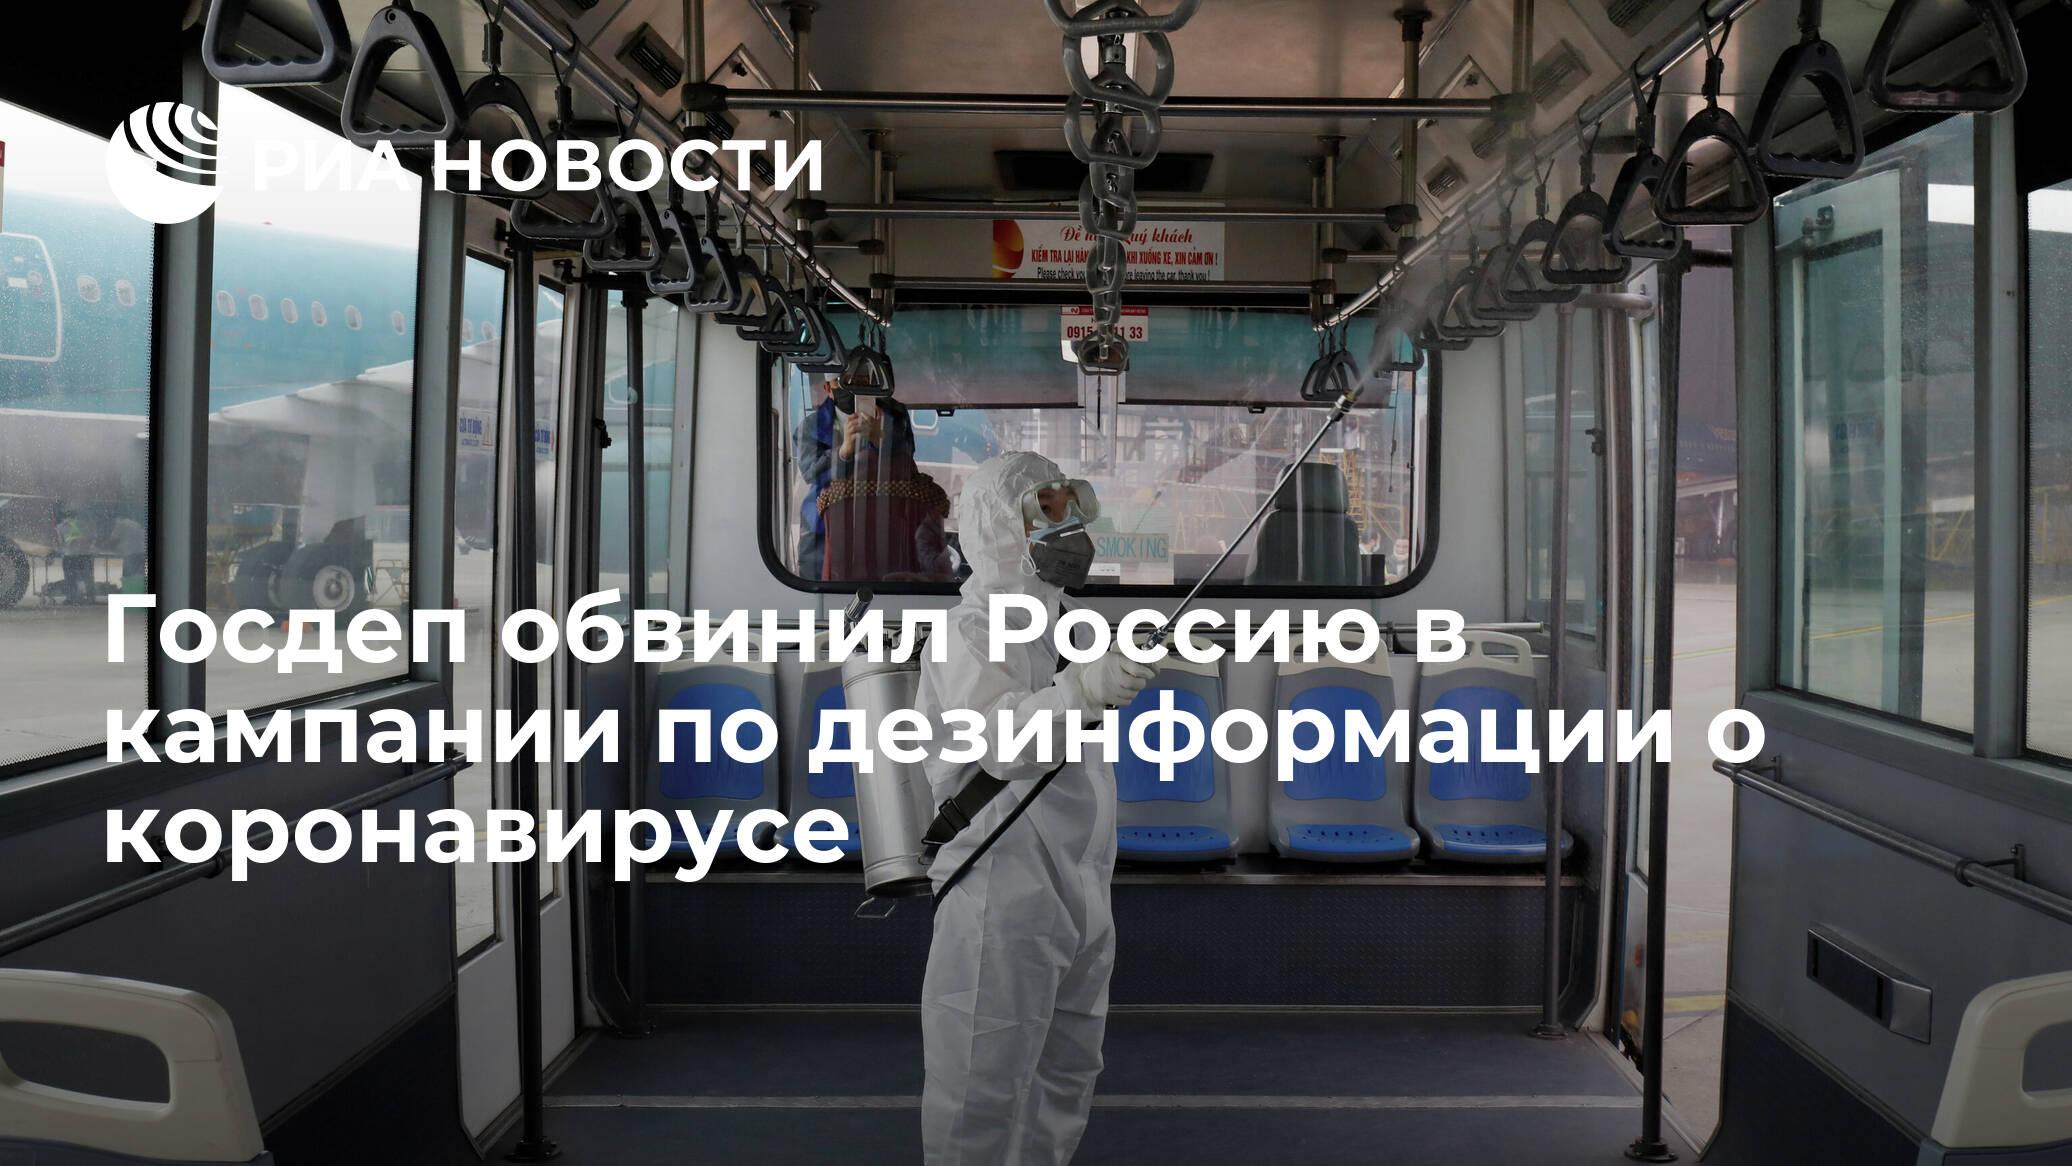 СМИ: Госдеп обвинил Россию в создании фейков о коронавирусе